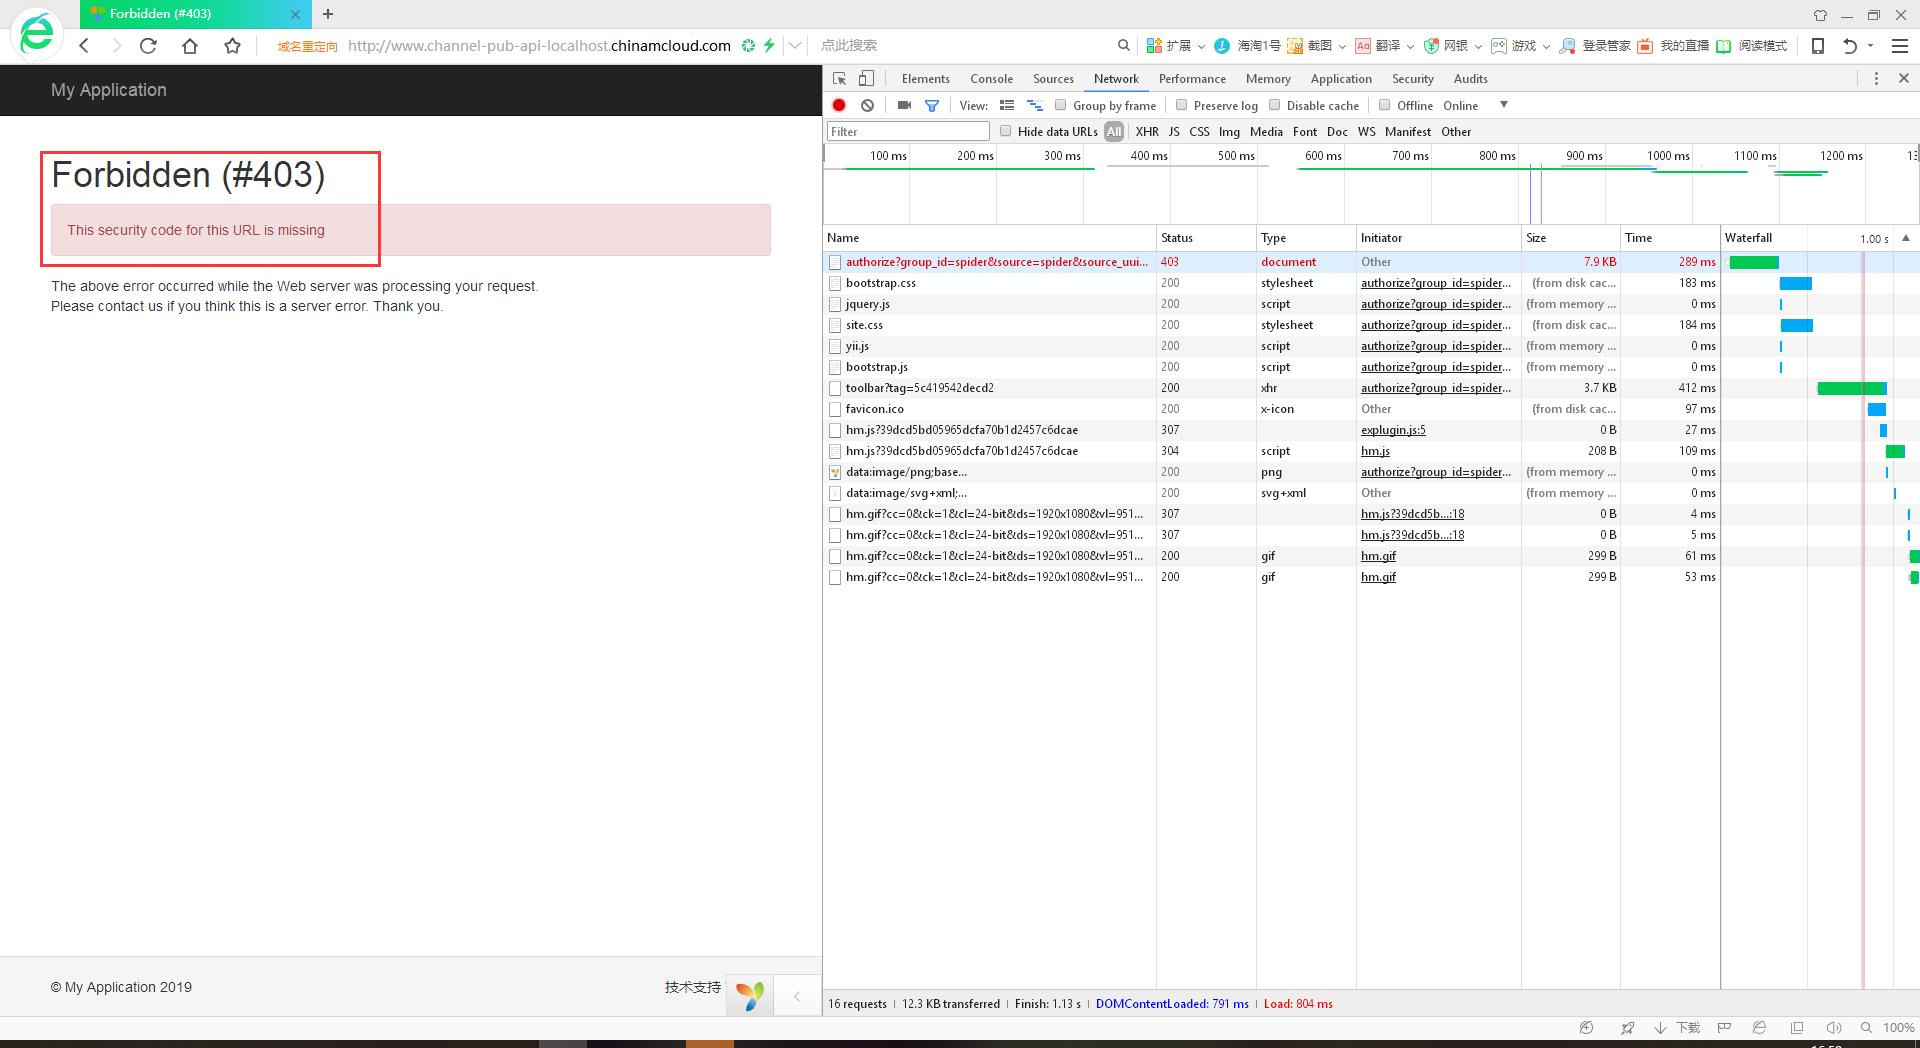 测试 URL 验证,删除 URL 签名:expires=1547801689&hmac=17h9ZhIxaDLRWmINHOZ-Syh9X-x7VCj9enotVRjbE_A,符合预期